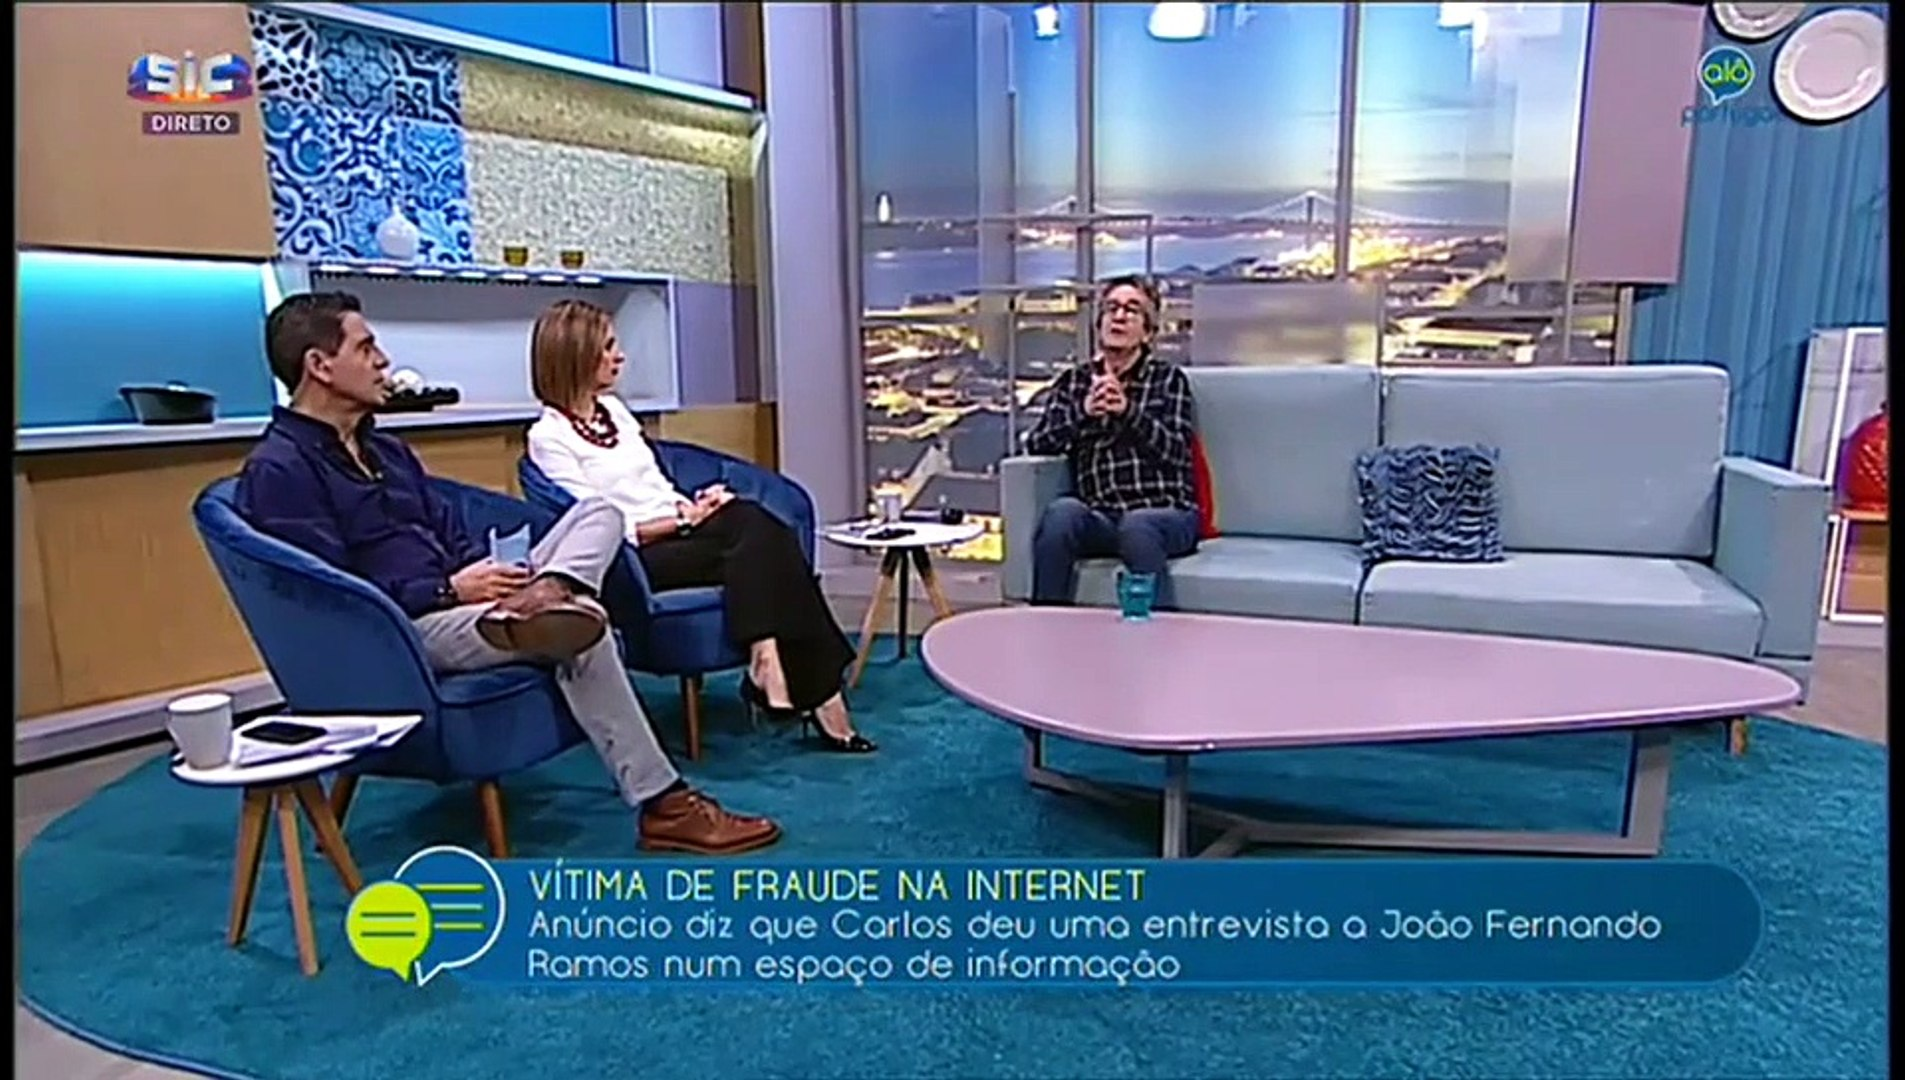 Carlos Areia  «Serviram-se da minha imagem para burlar » «Fraude na Internet»